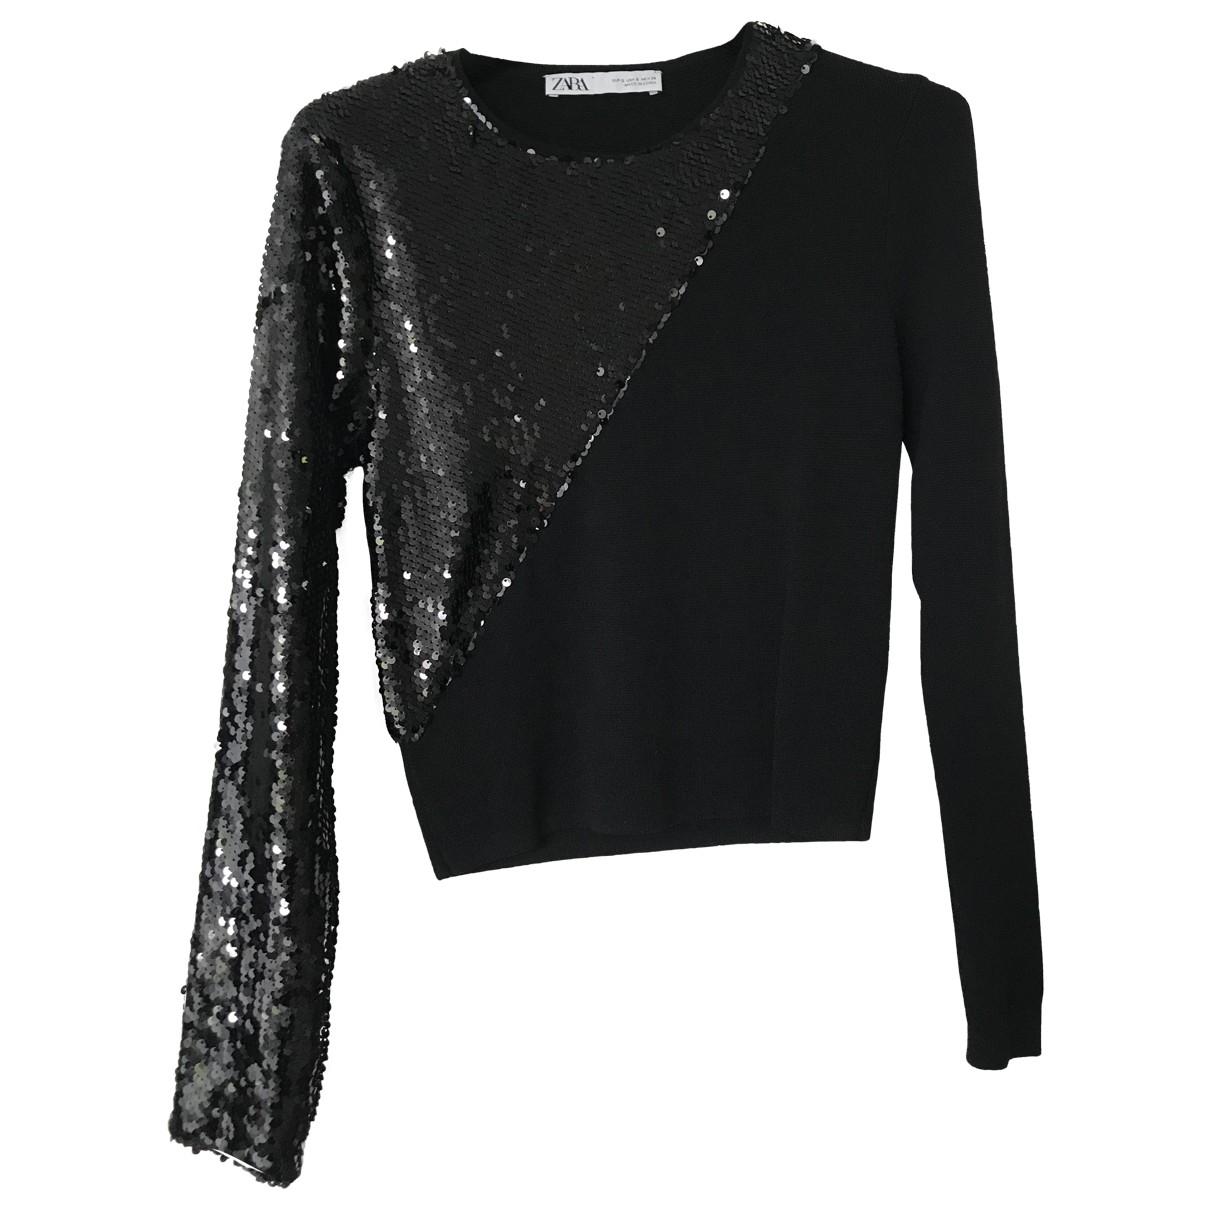 Zara - Pull   pour femme - noir